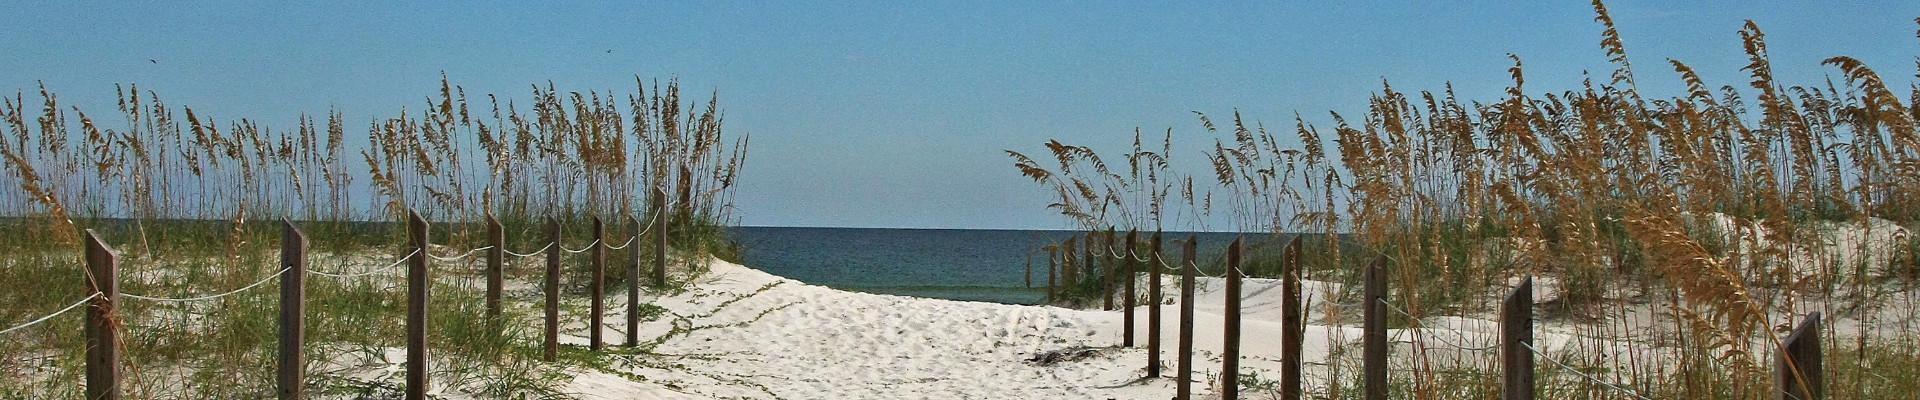 st george island beach slide